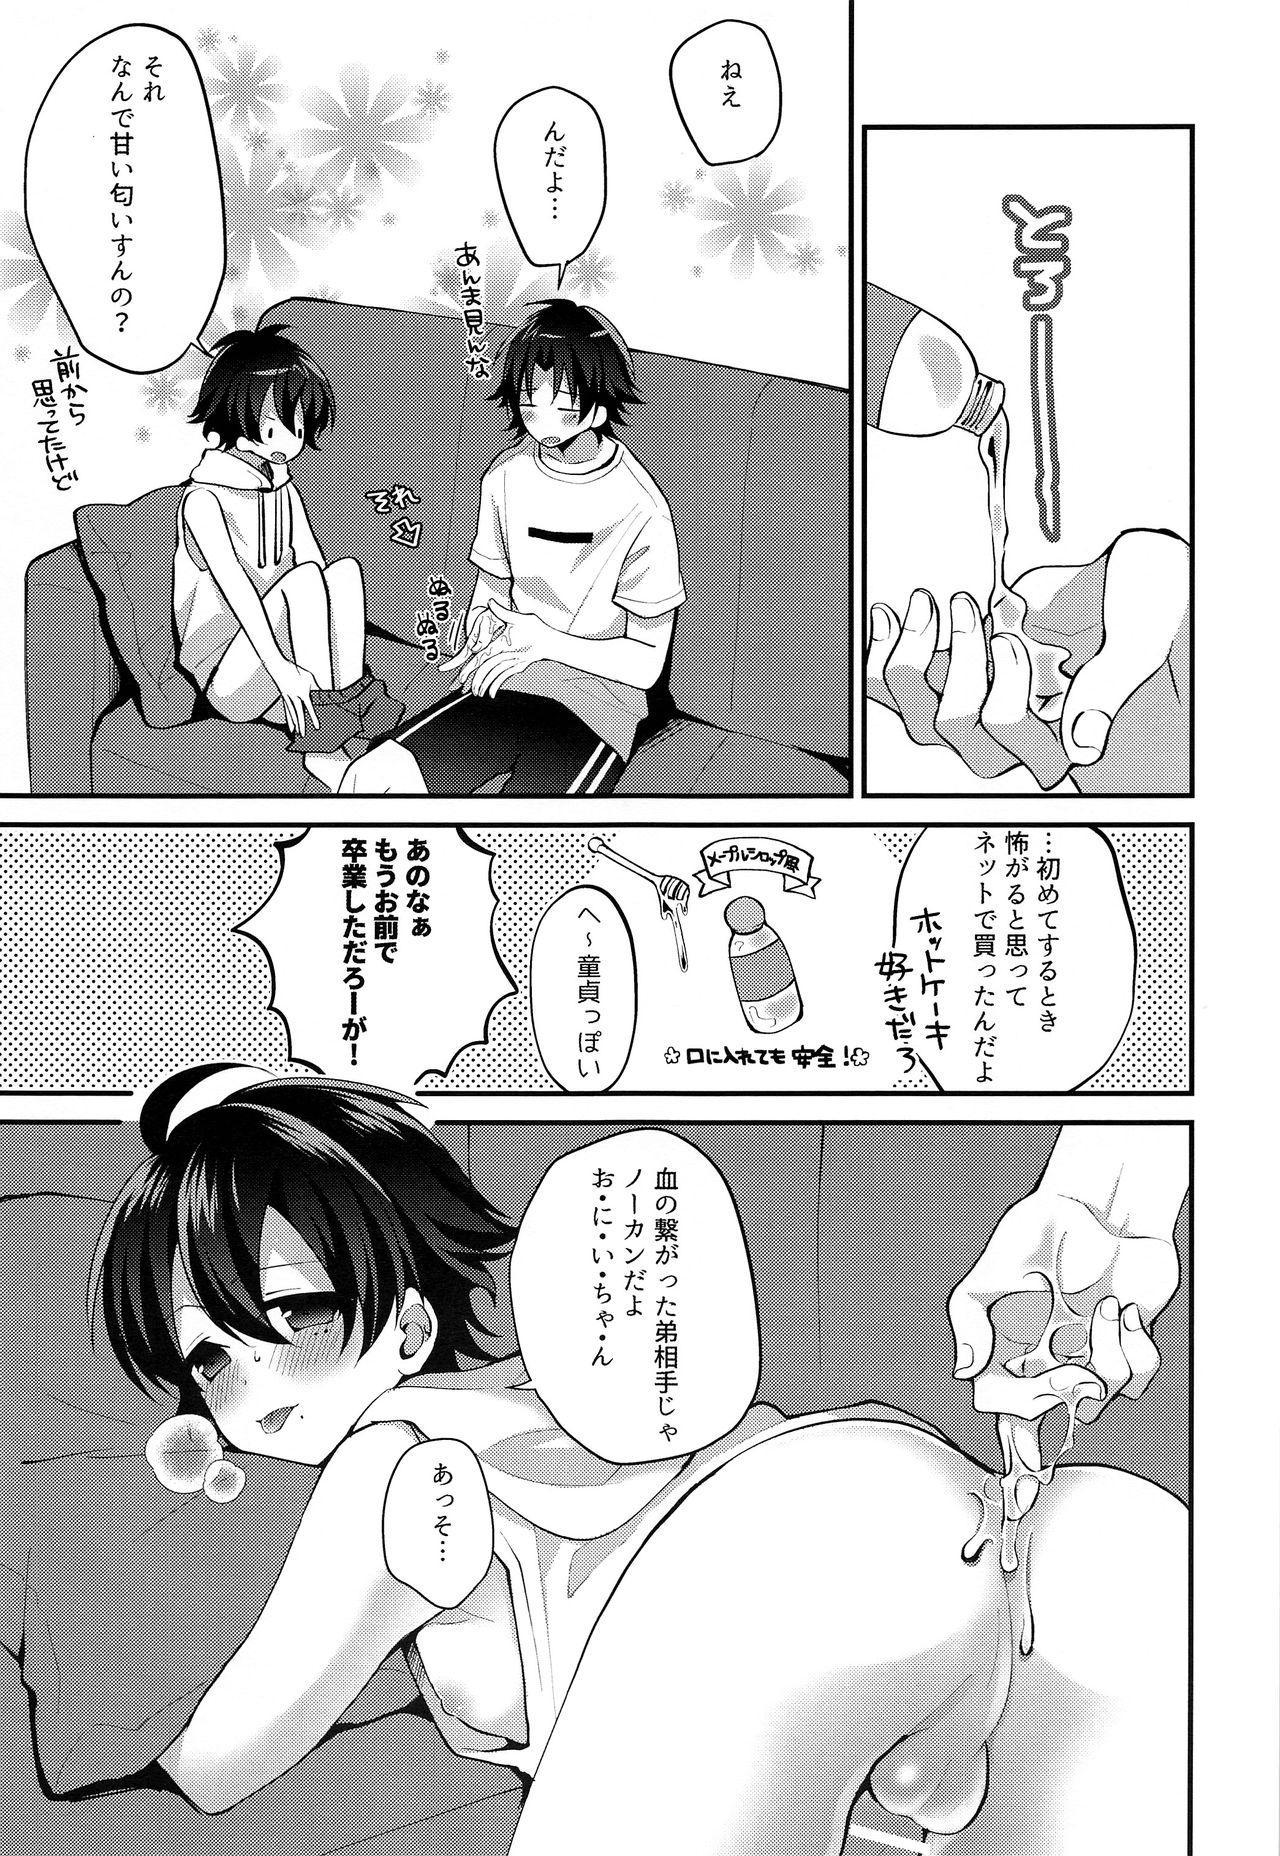 Boku no Gukei o Shoukai Shimasu 7